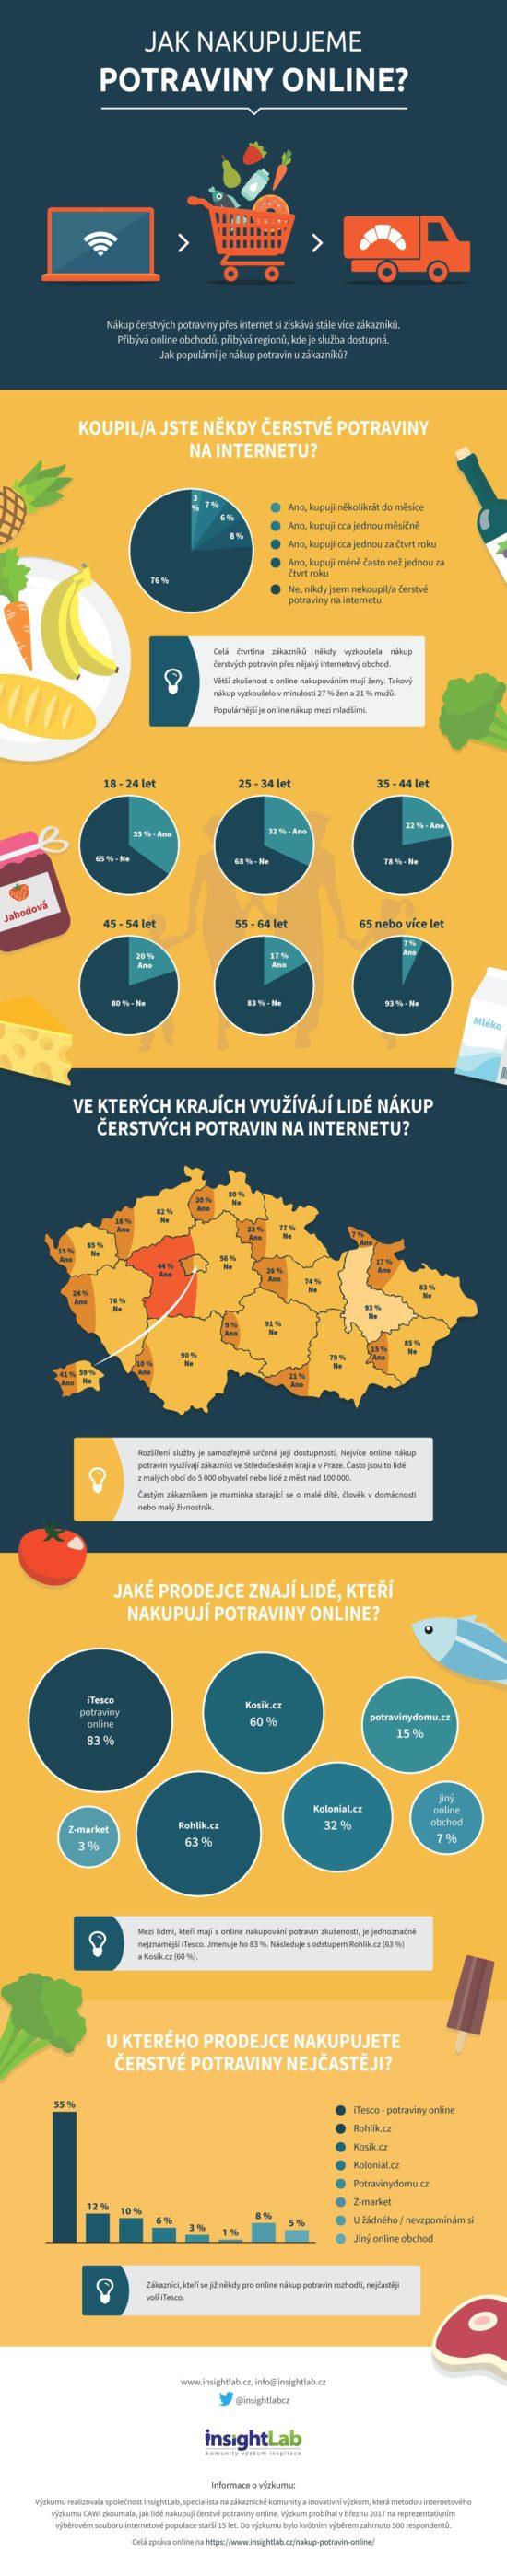 Potraviny online: jak se k nim staví Češi? – Infografika